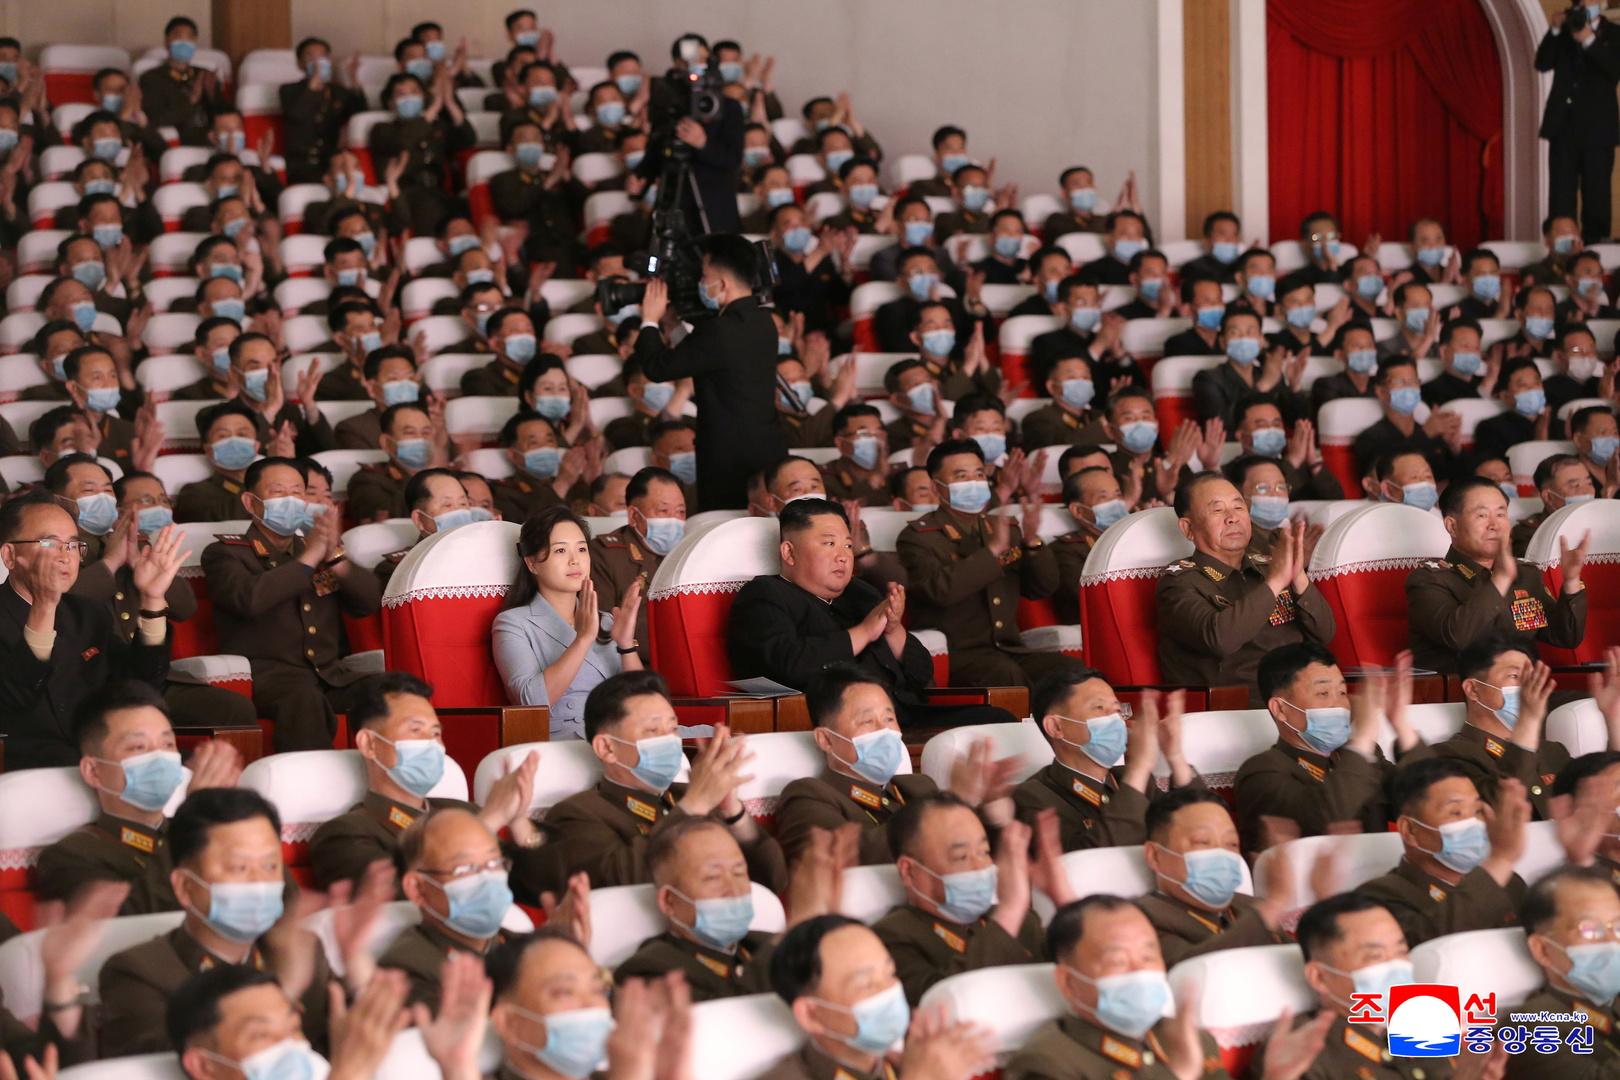 الزعيم الكوري الشمالي وزوجته يحضران عرضا فنيا